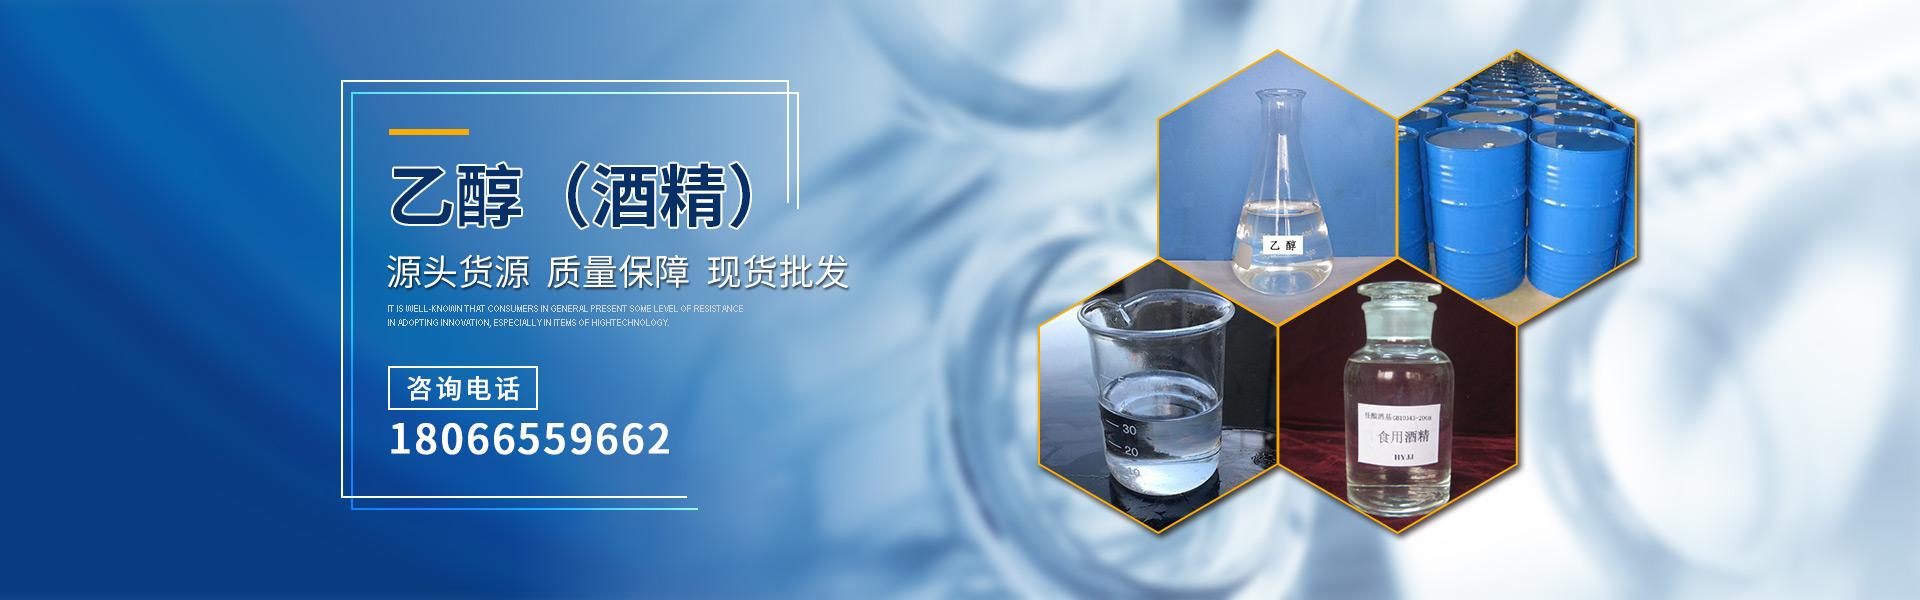 陜西全盛化工原料有限公司